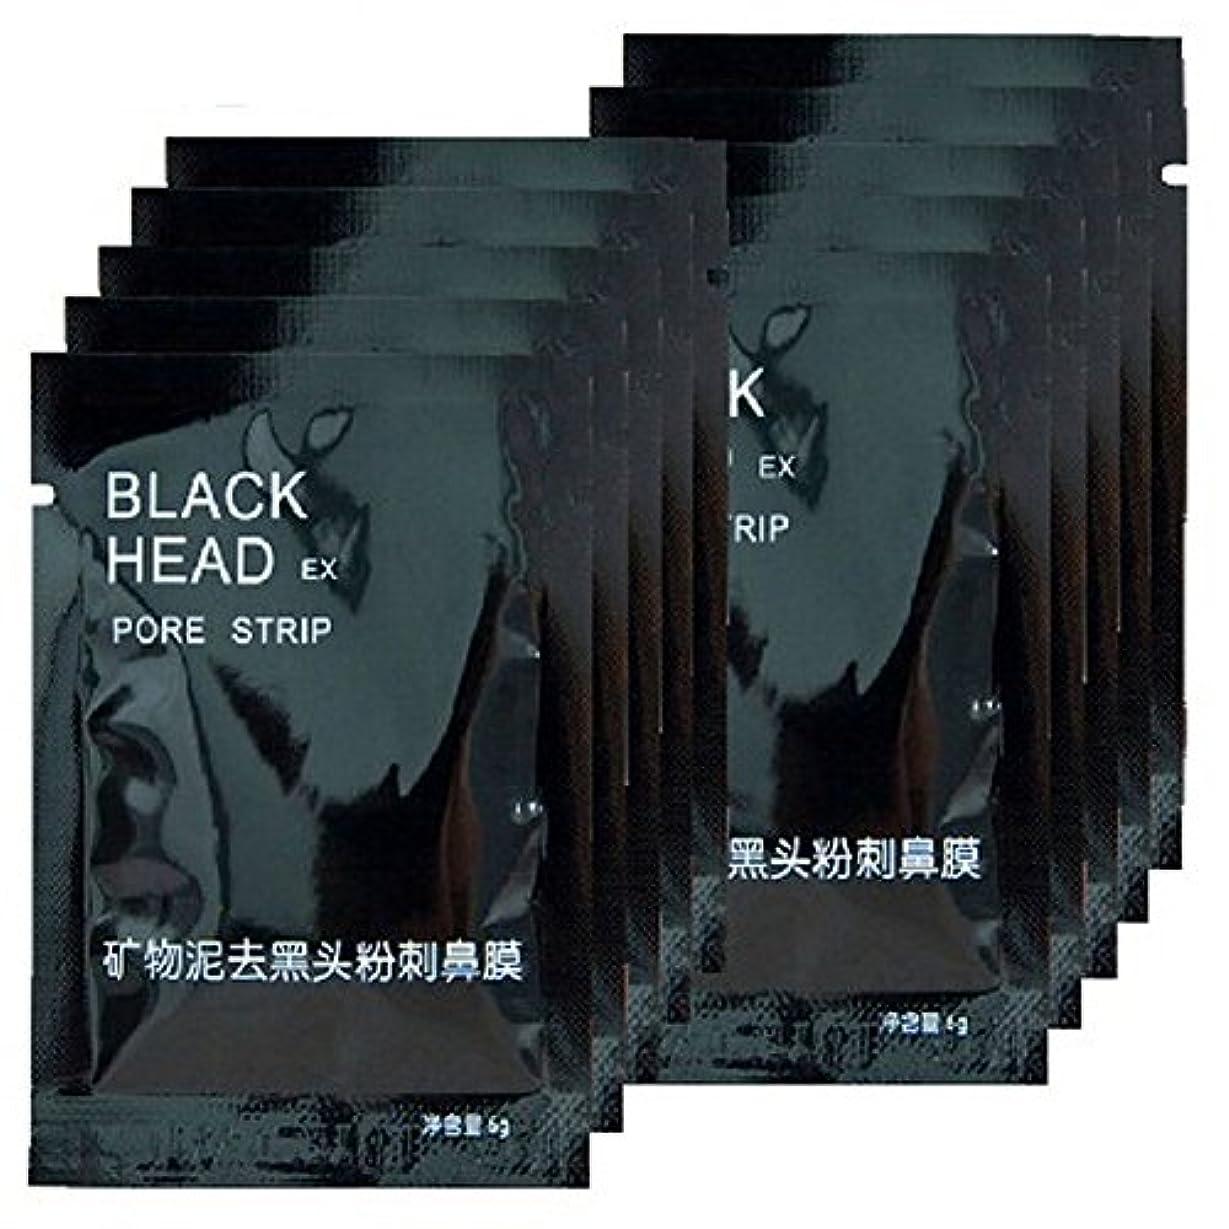 モードリン骨の折れるスコットランド人鼻のにきびの除去剤のマスクによって活動化させる木炭は鼻の深いクリーニングの毛穴にきびのための黒いマスクをはがします